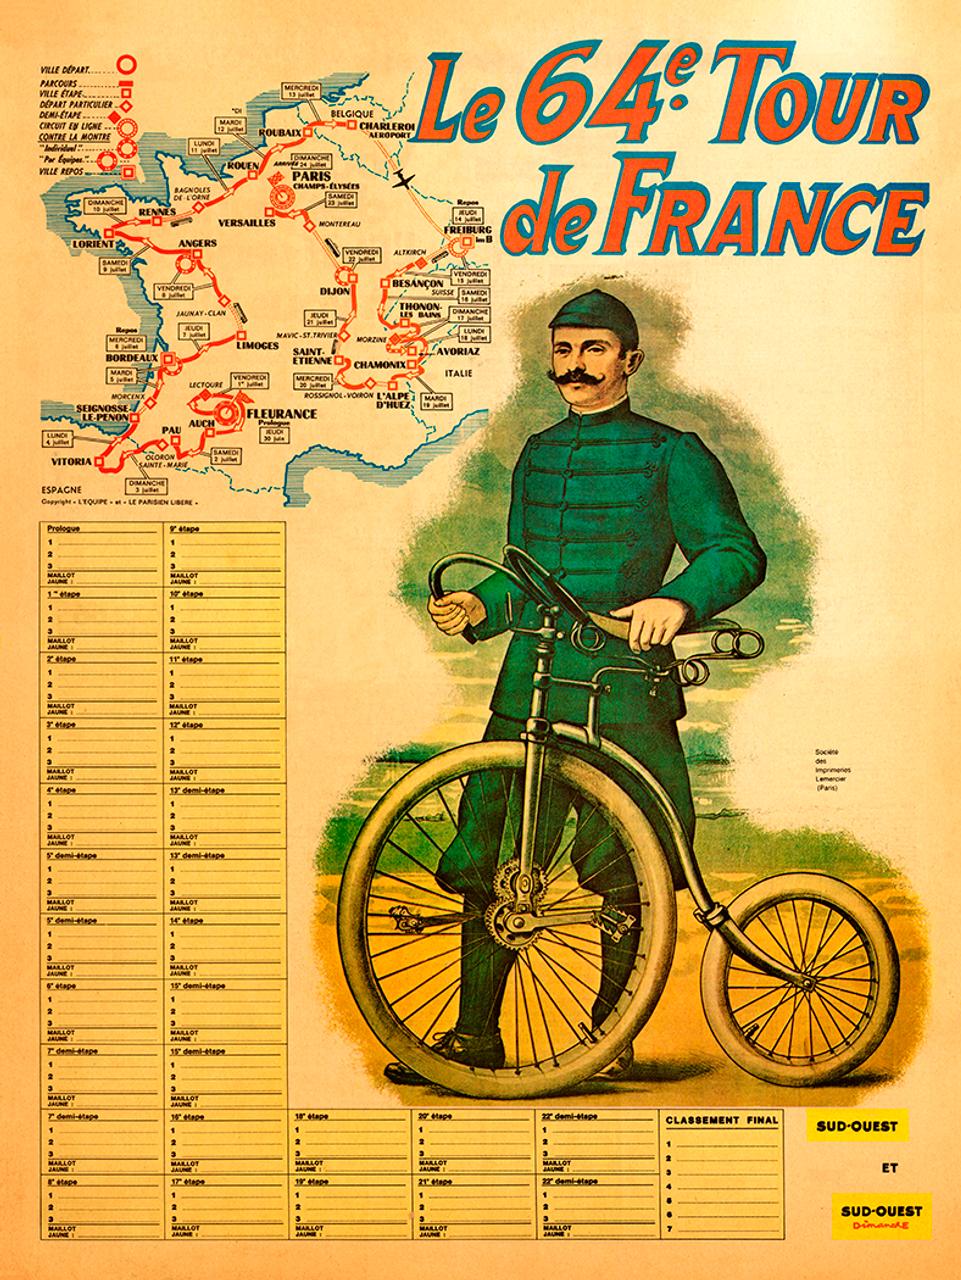 1964 Tour de France Map Poster